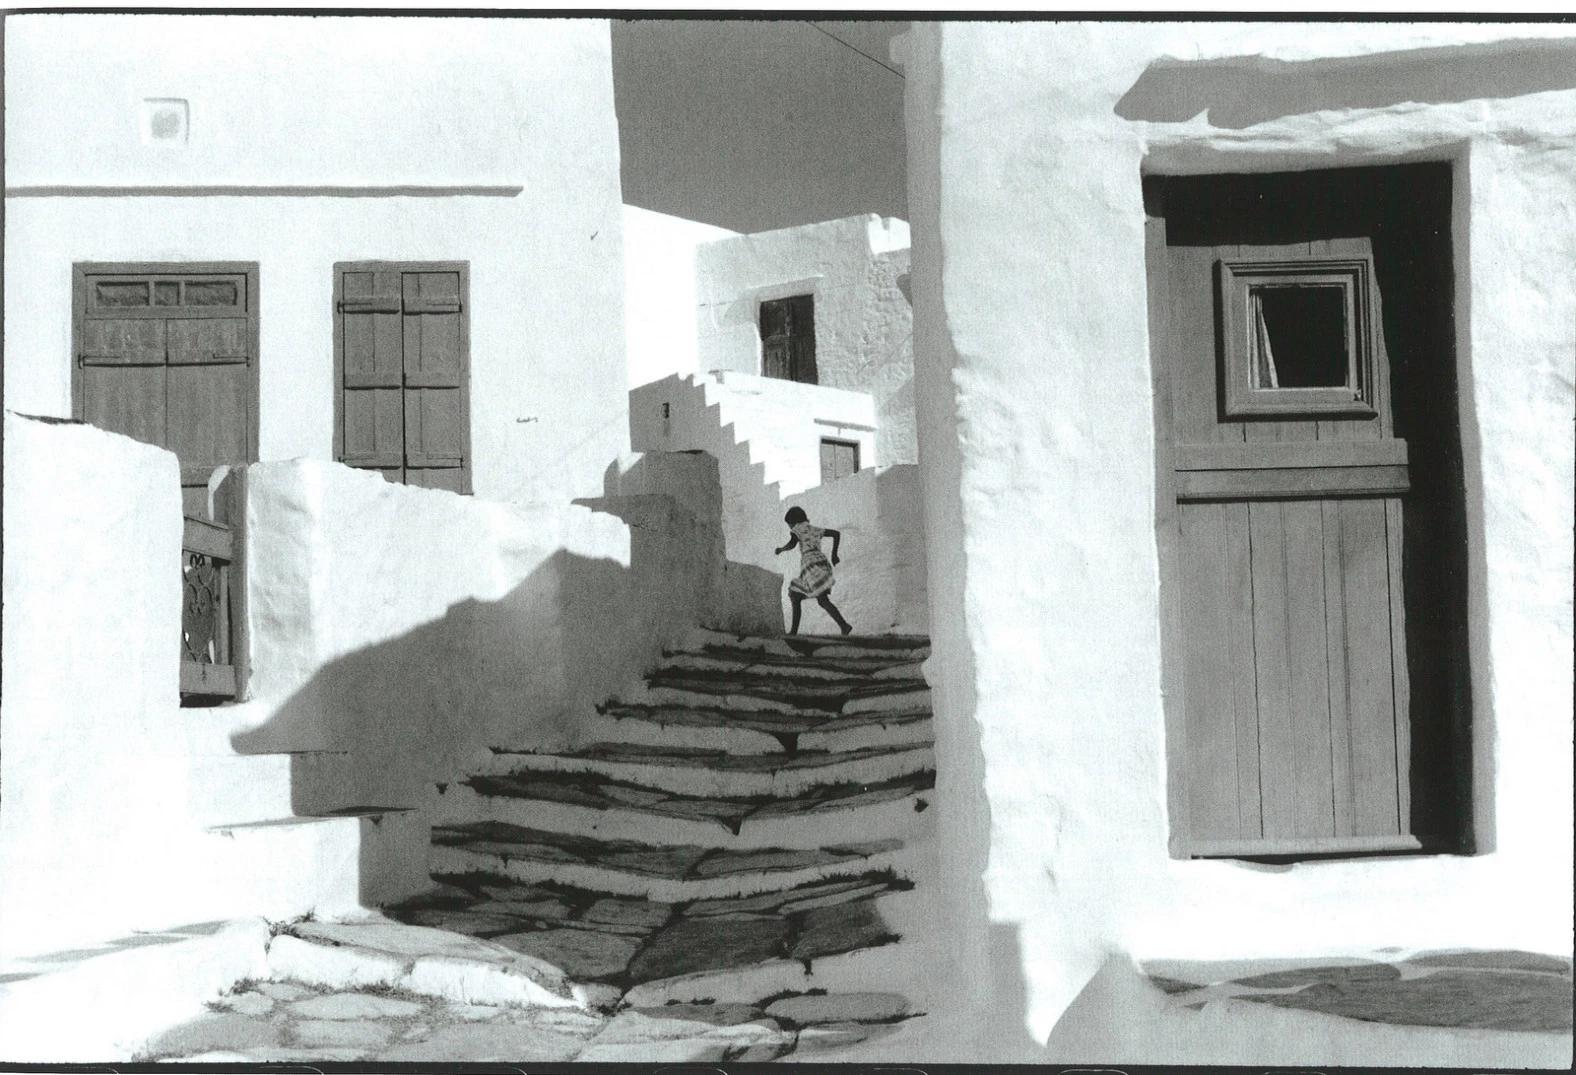 Una imagen en blanco y negro de un niño subiendo una escalera en un pueblo blanco, por el famoso fotógrafo Henri Cartier-Bresson